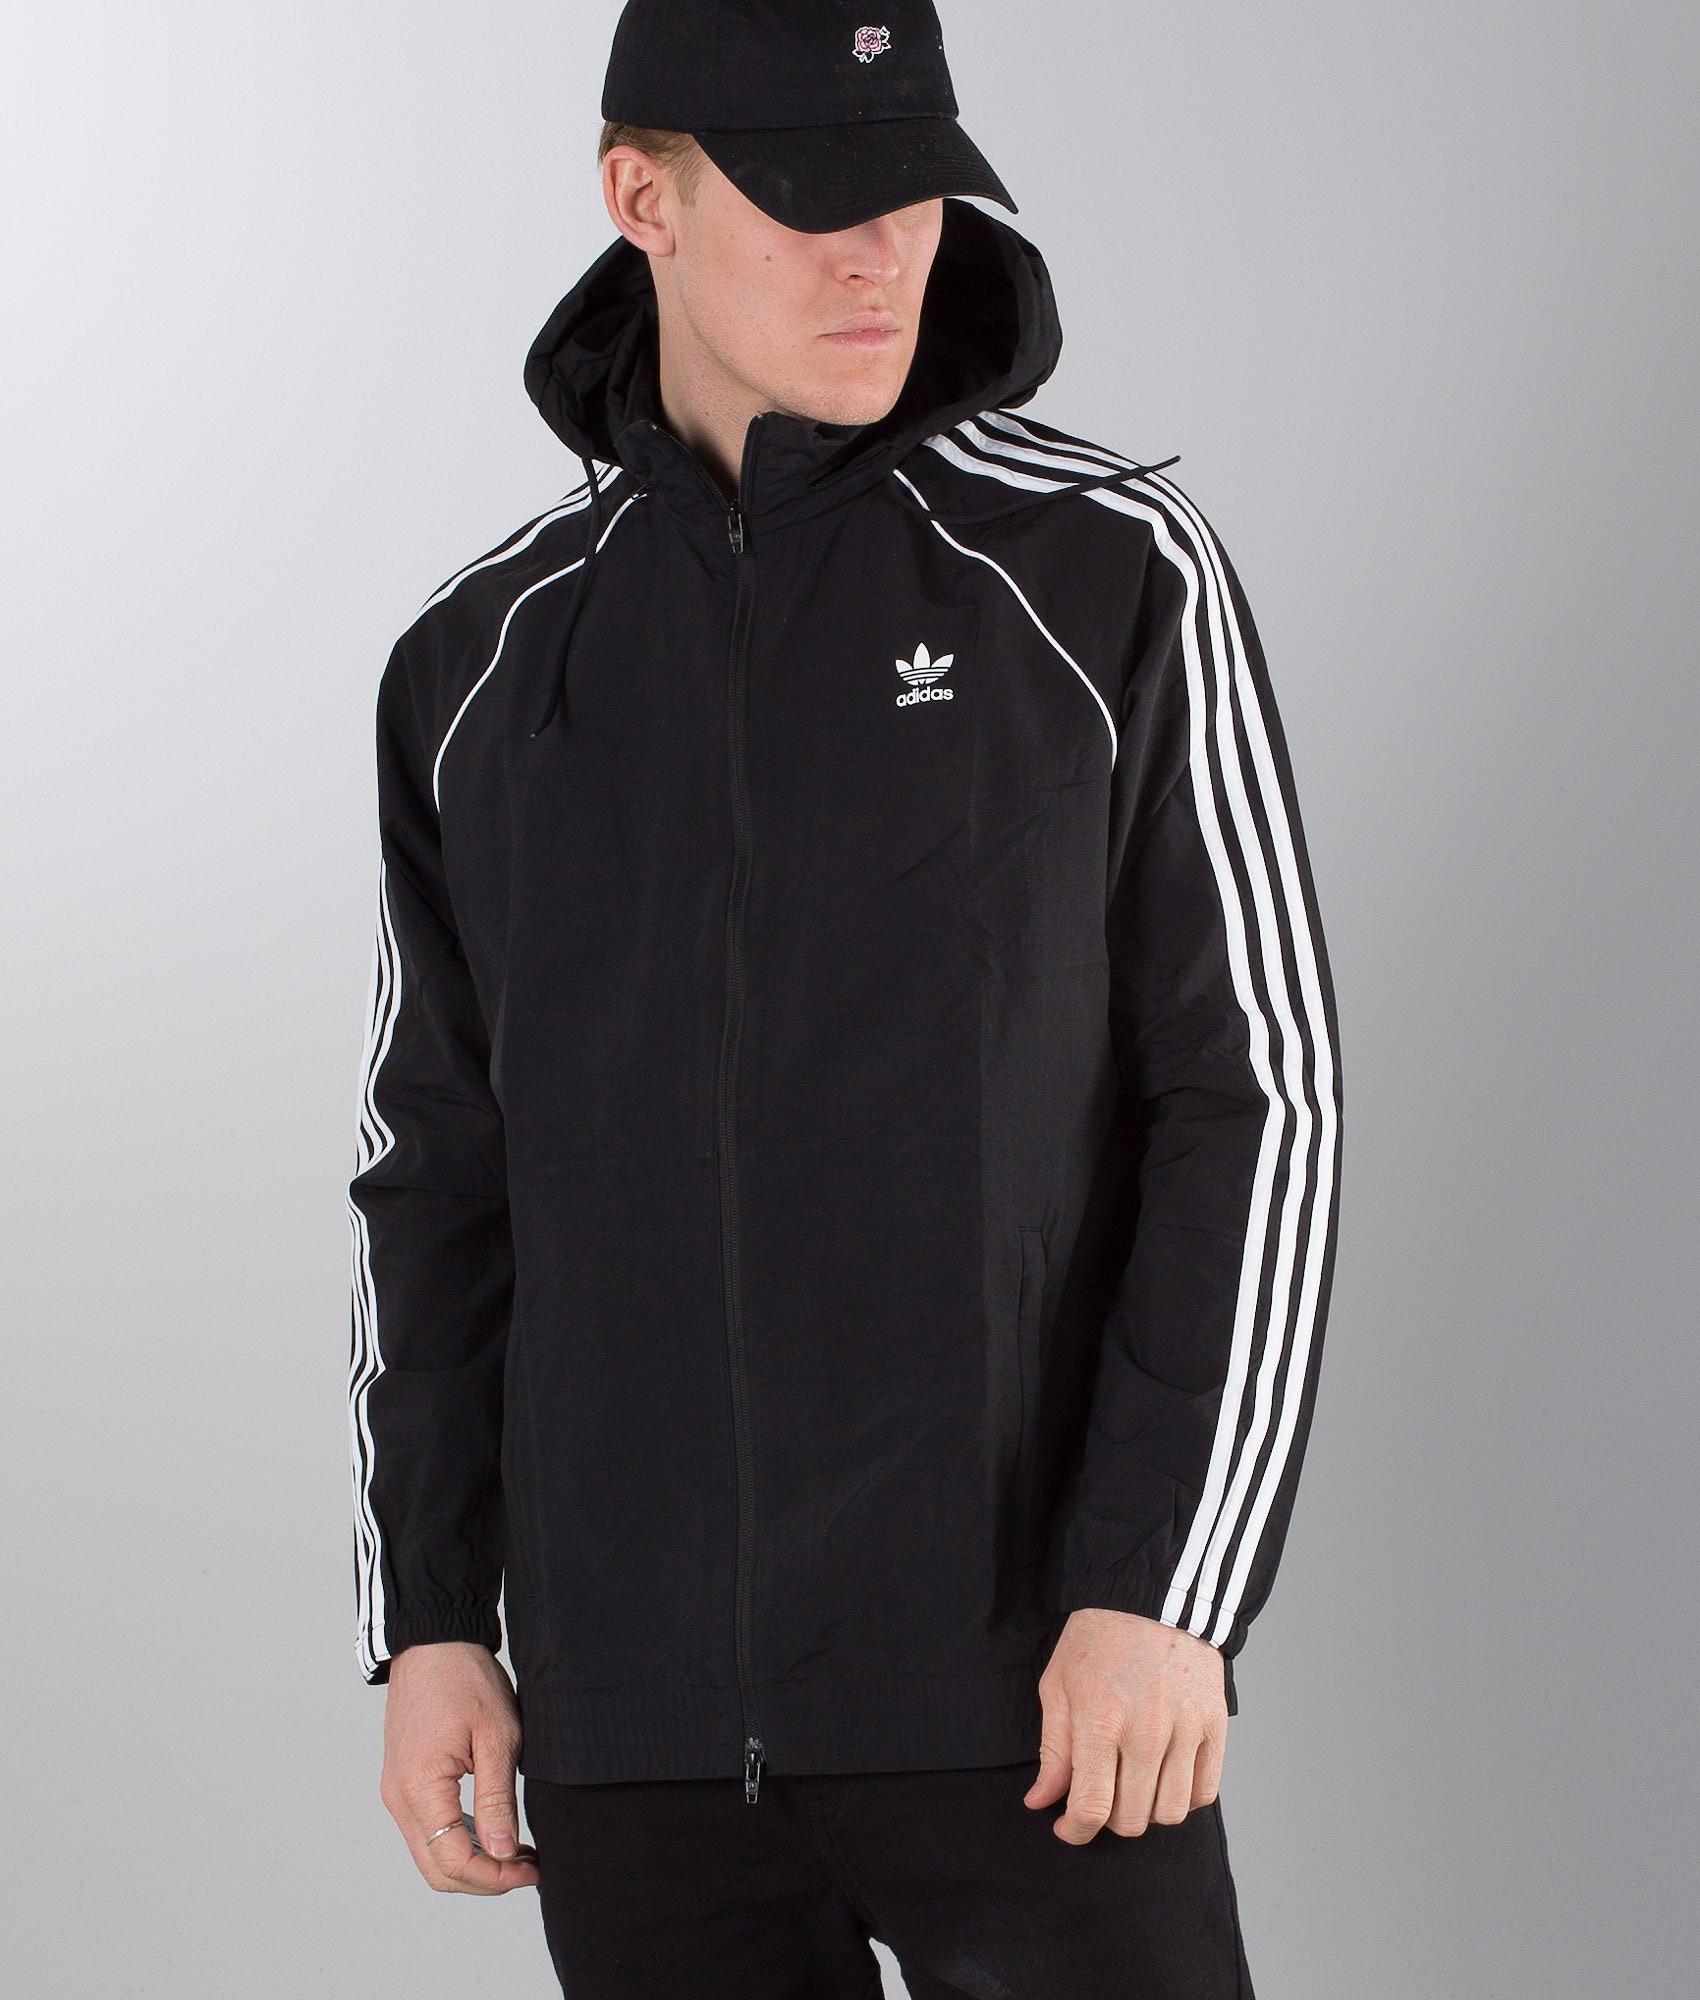 da186e9c27350 Adidas Originals SST Jacket Black - Ridestore.com